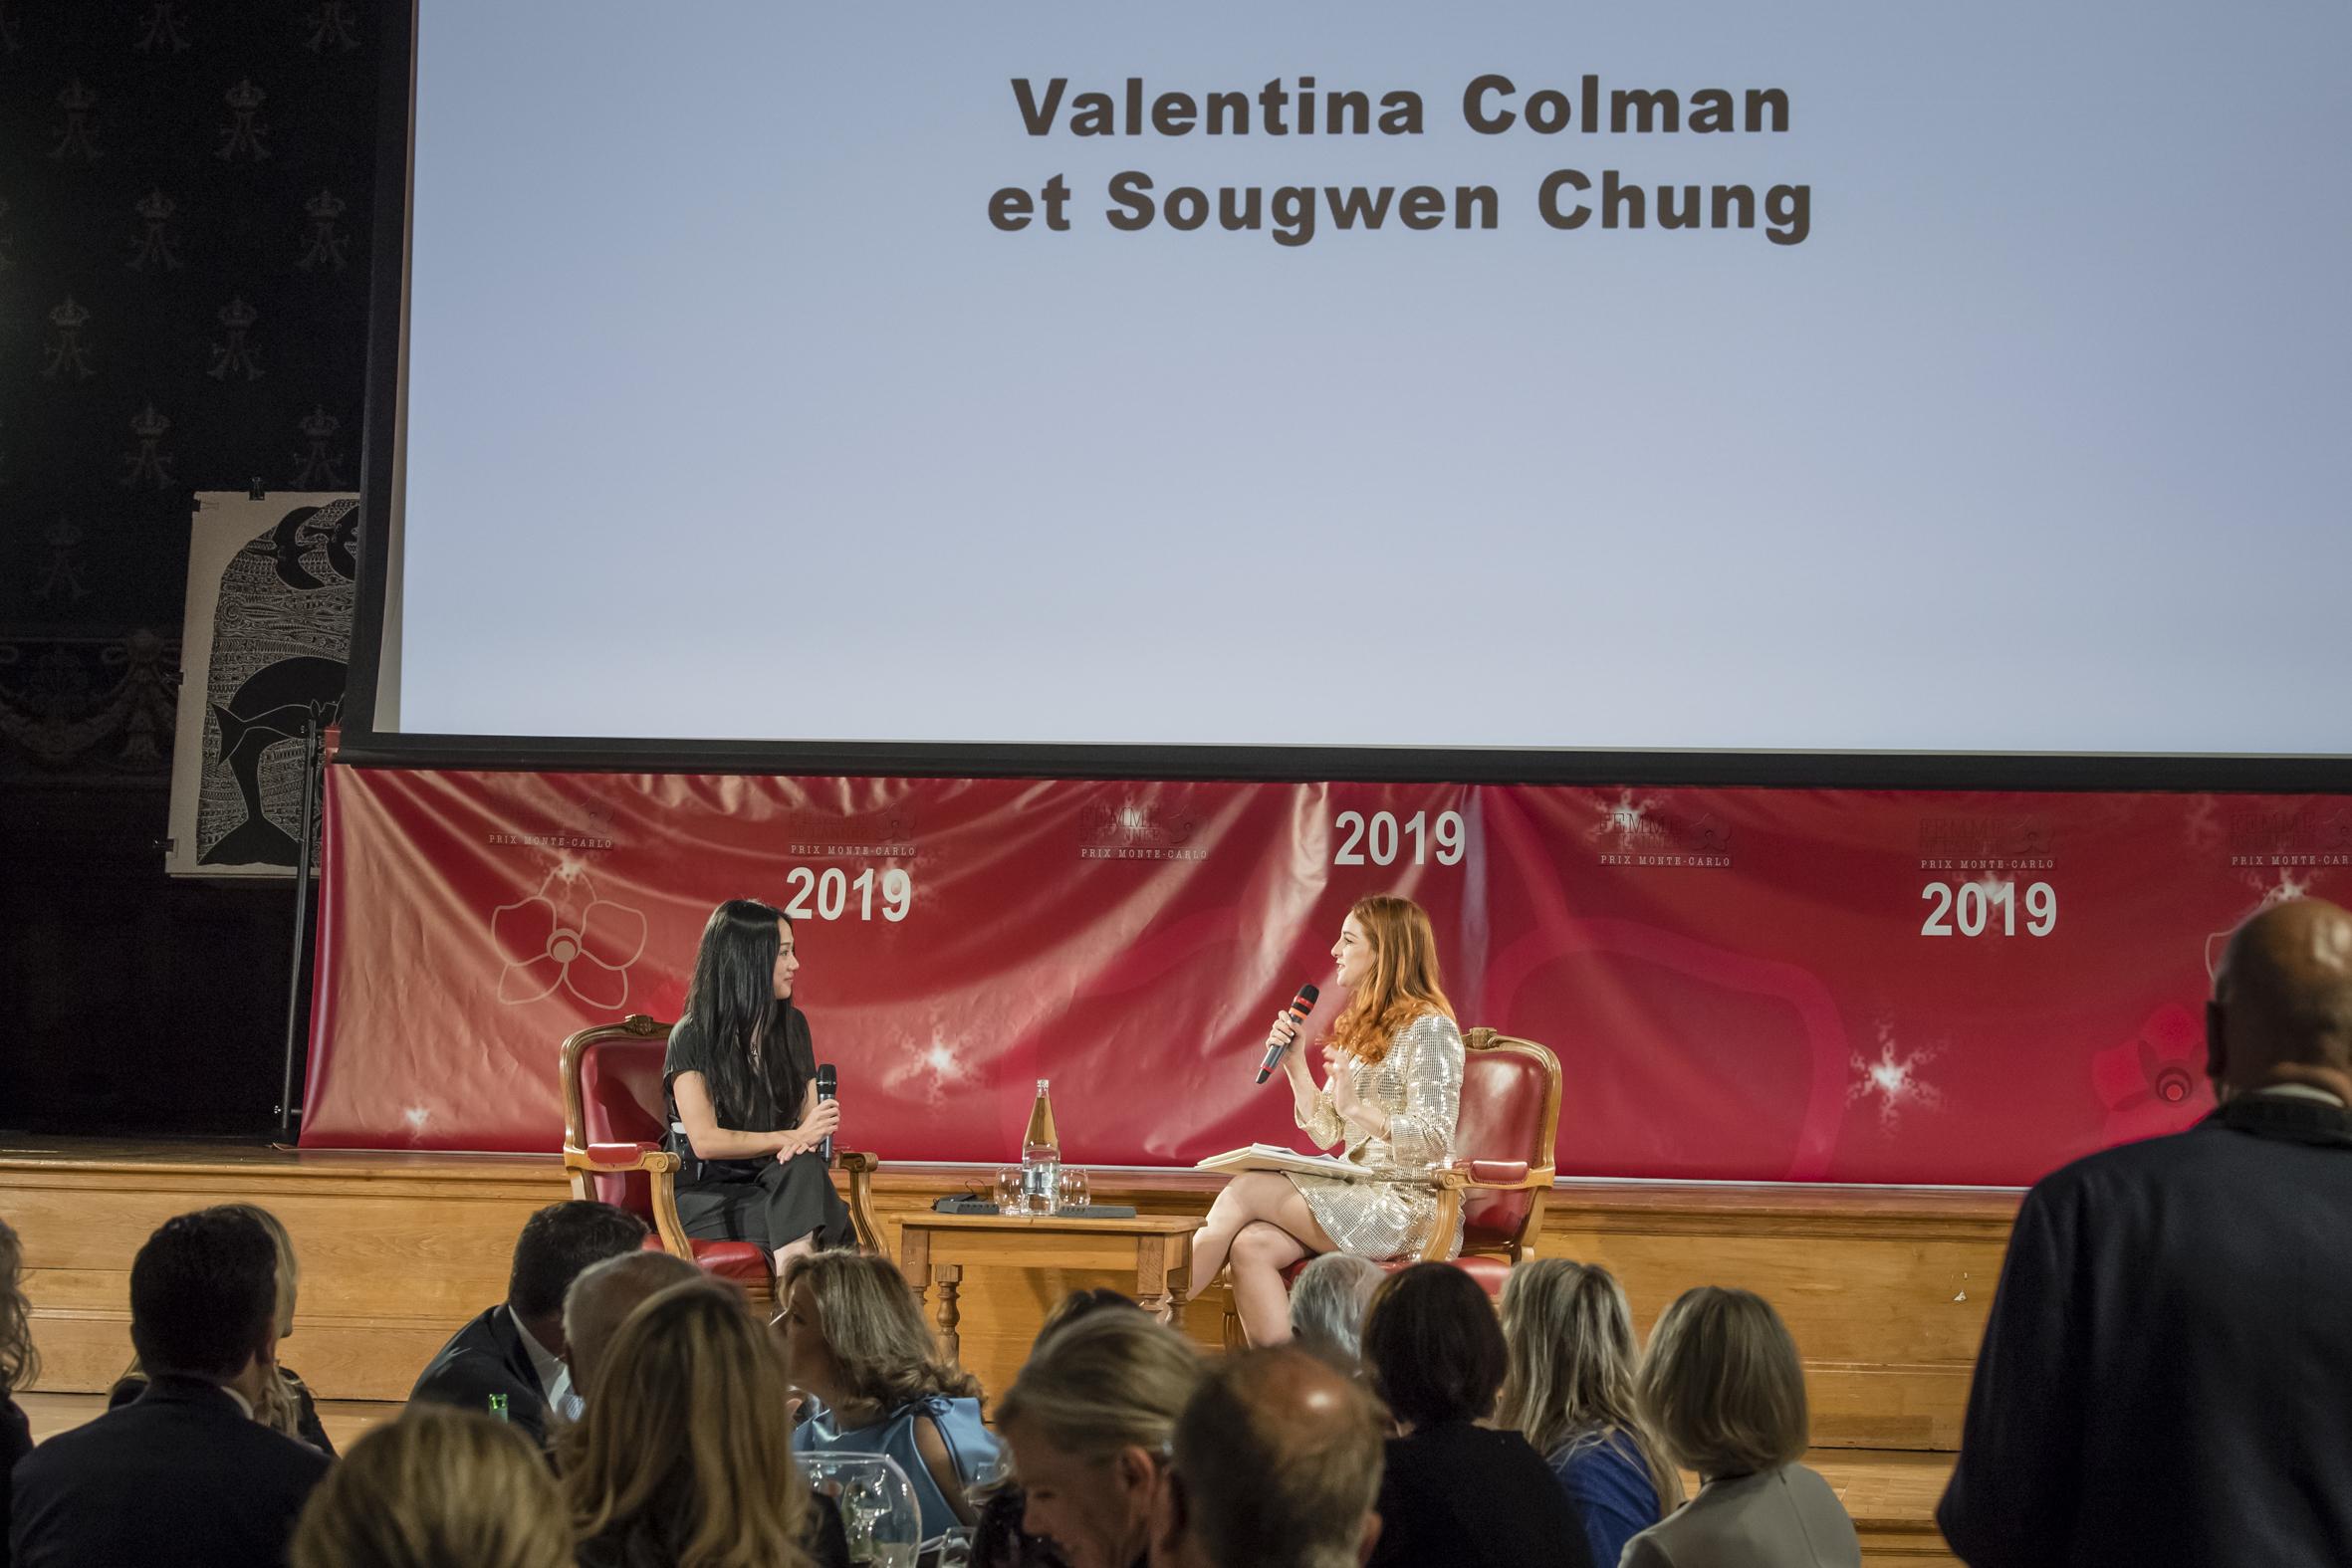 Sougwen chung-Valentina Colman Fda2019